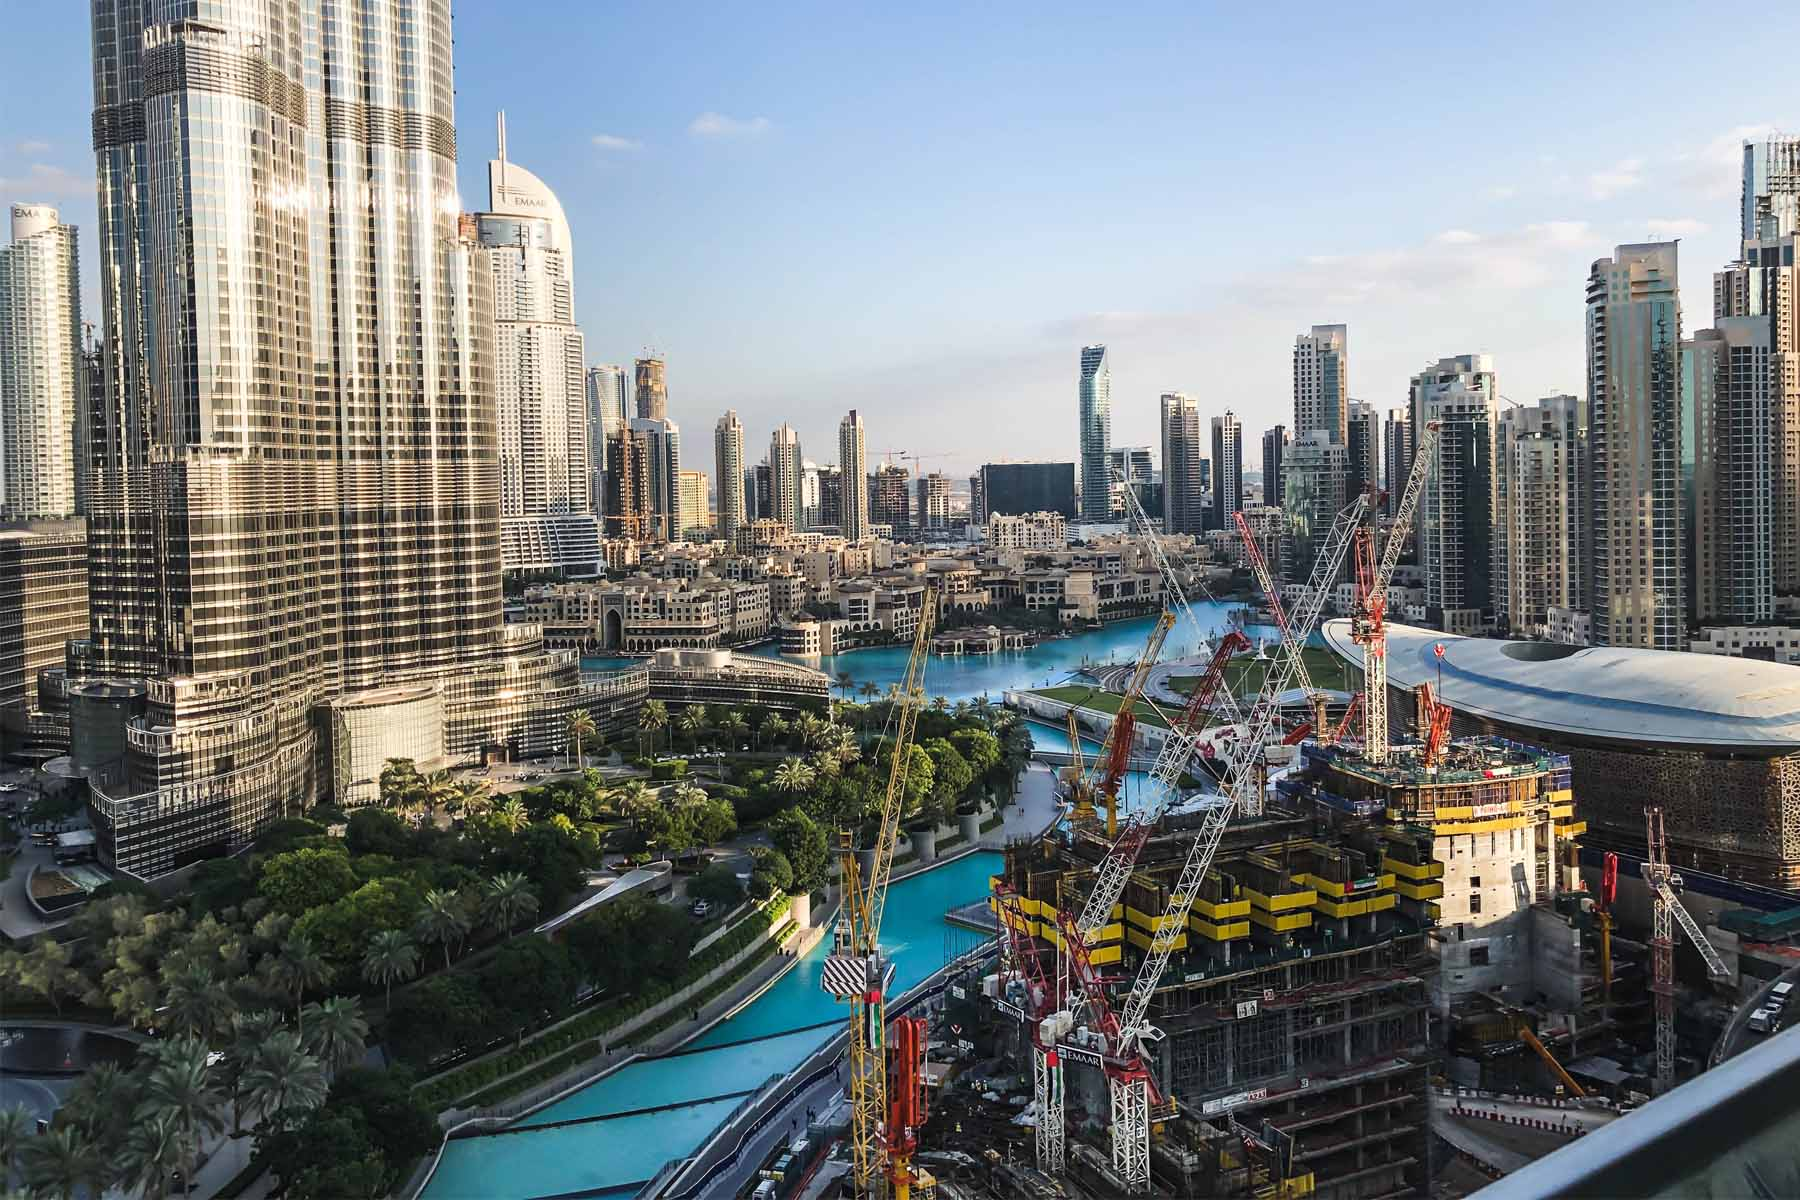 تور دبی – هتلهای 4 ستاره